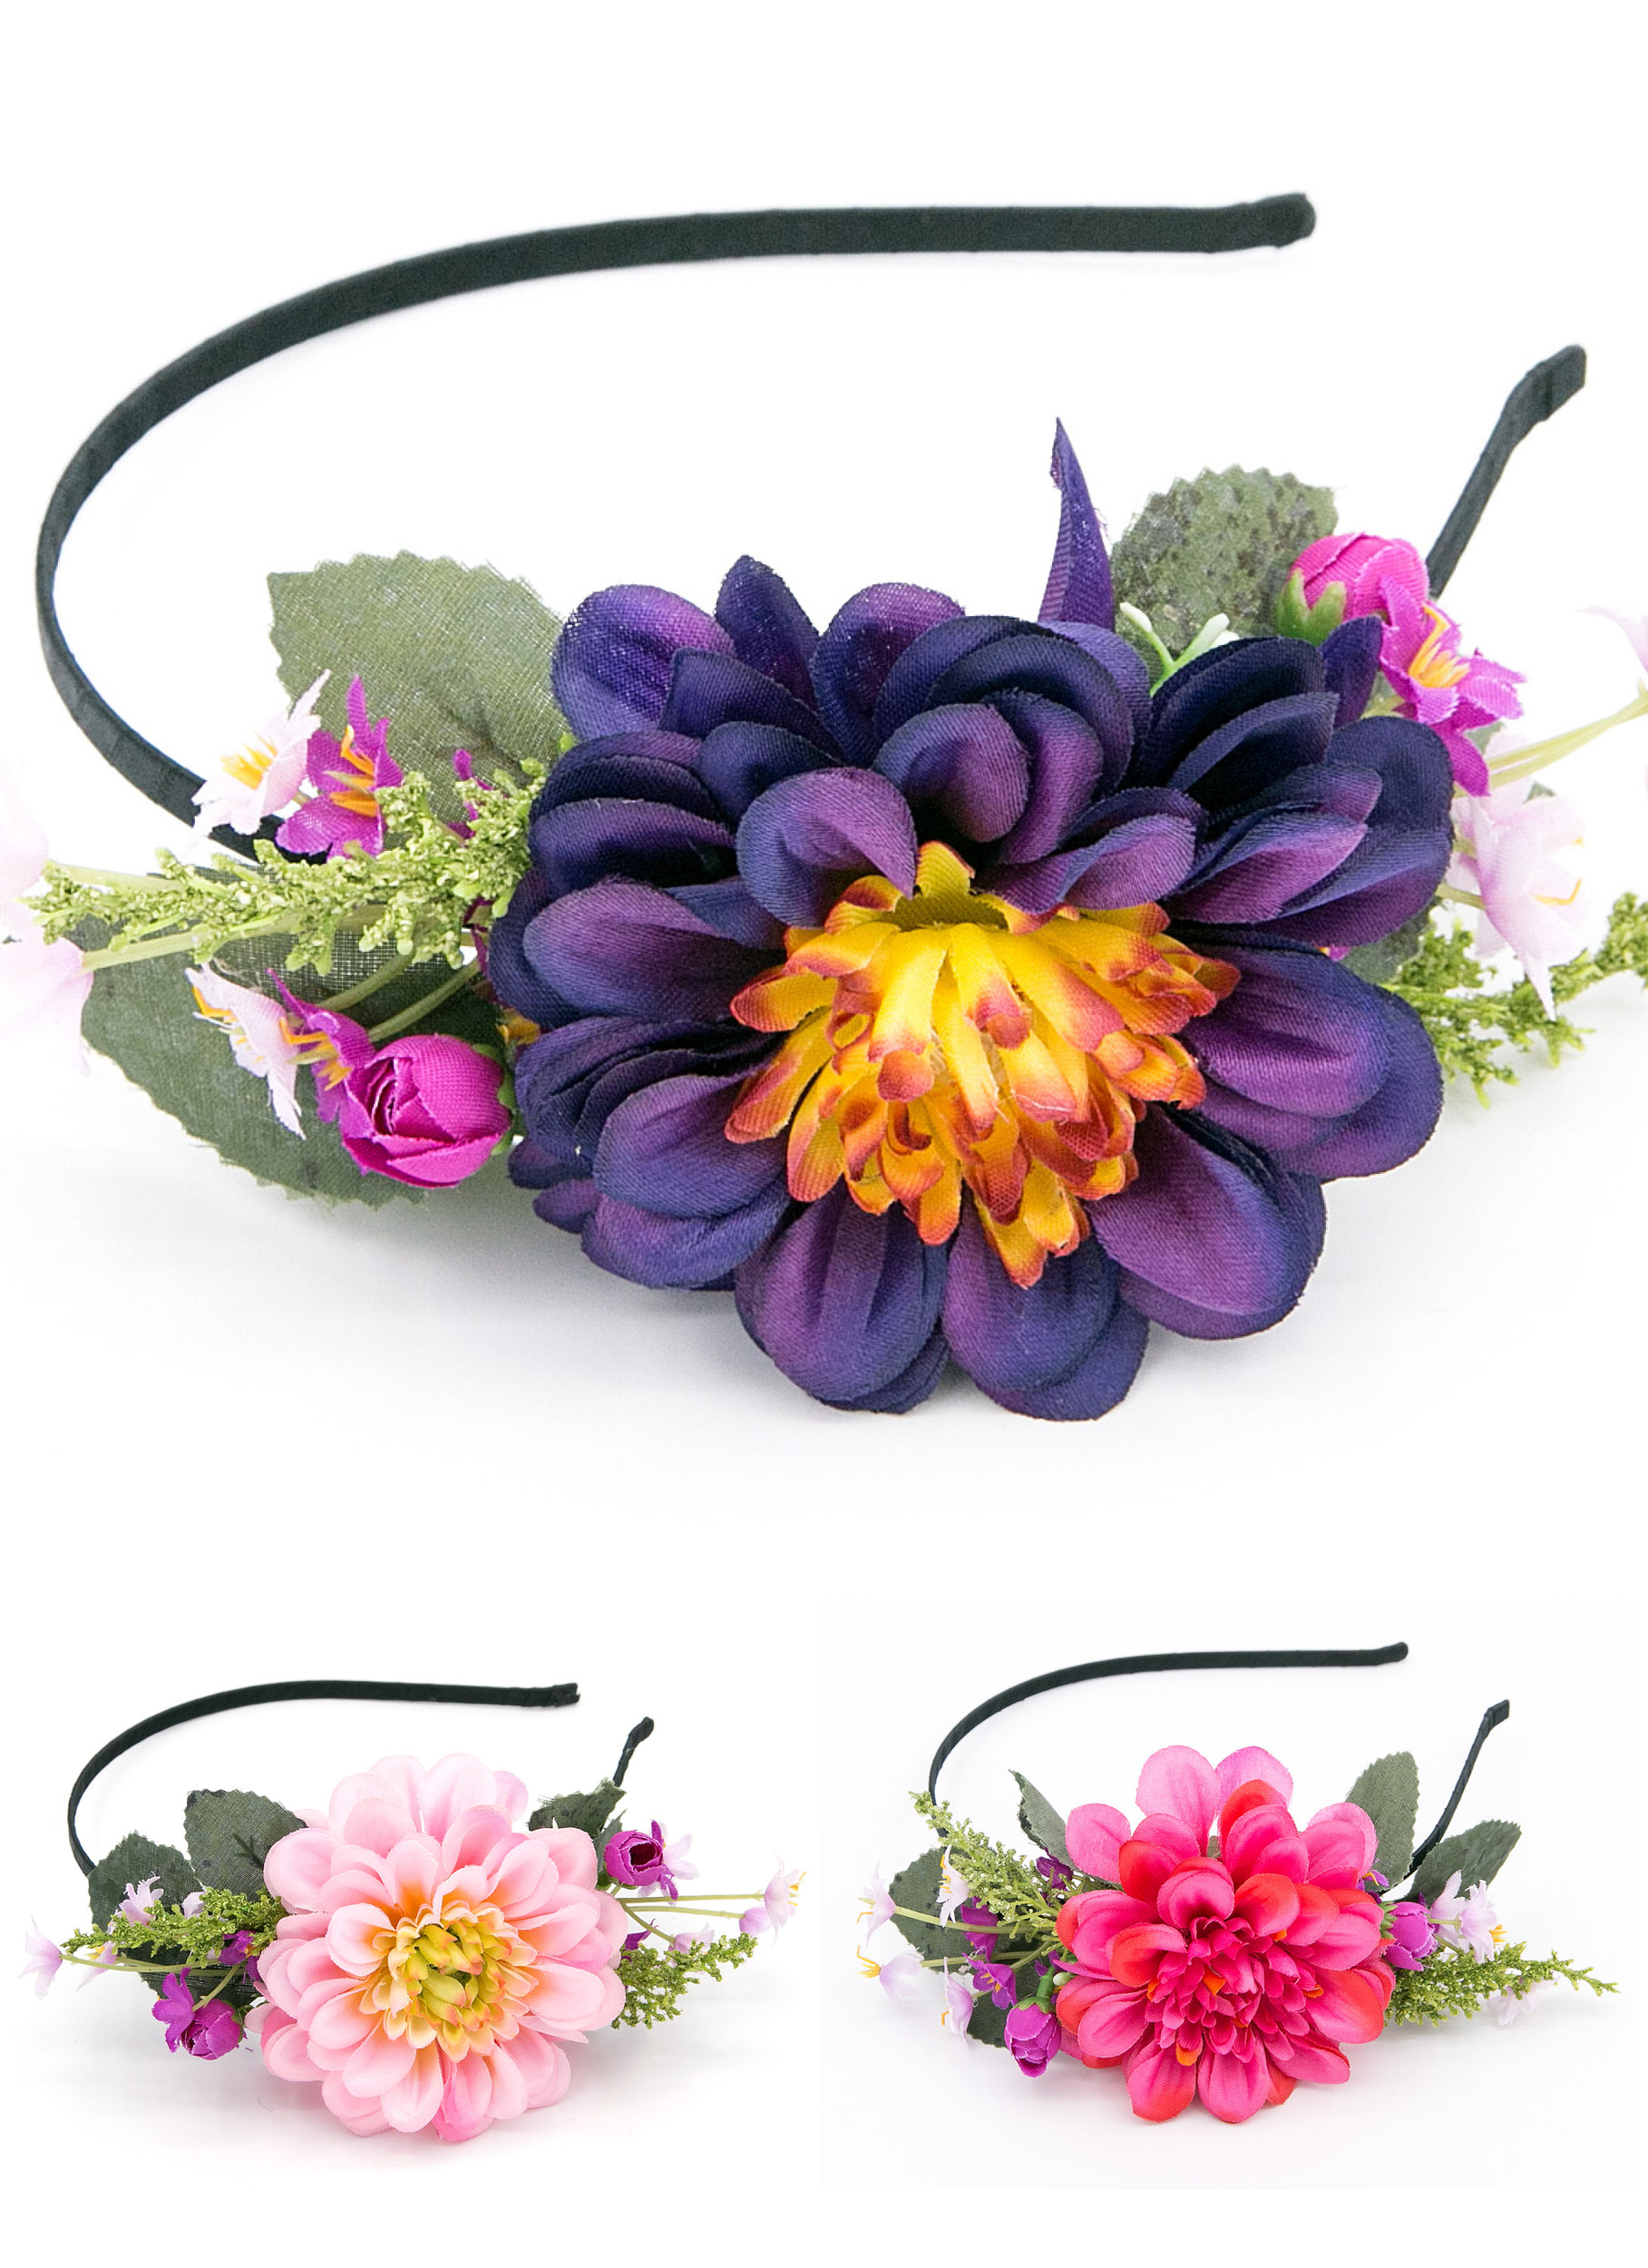 f625ea7f3db Čelenka do vlasů bohatá květinová chryzantéma CV0032